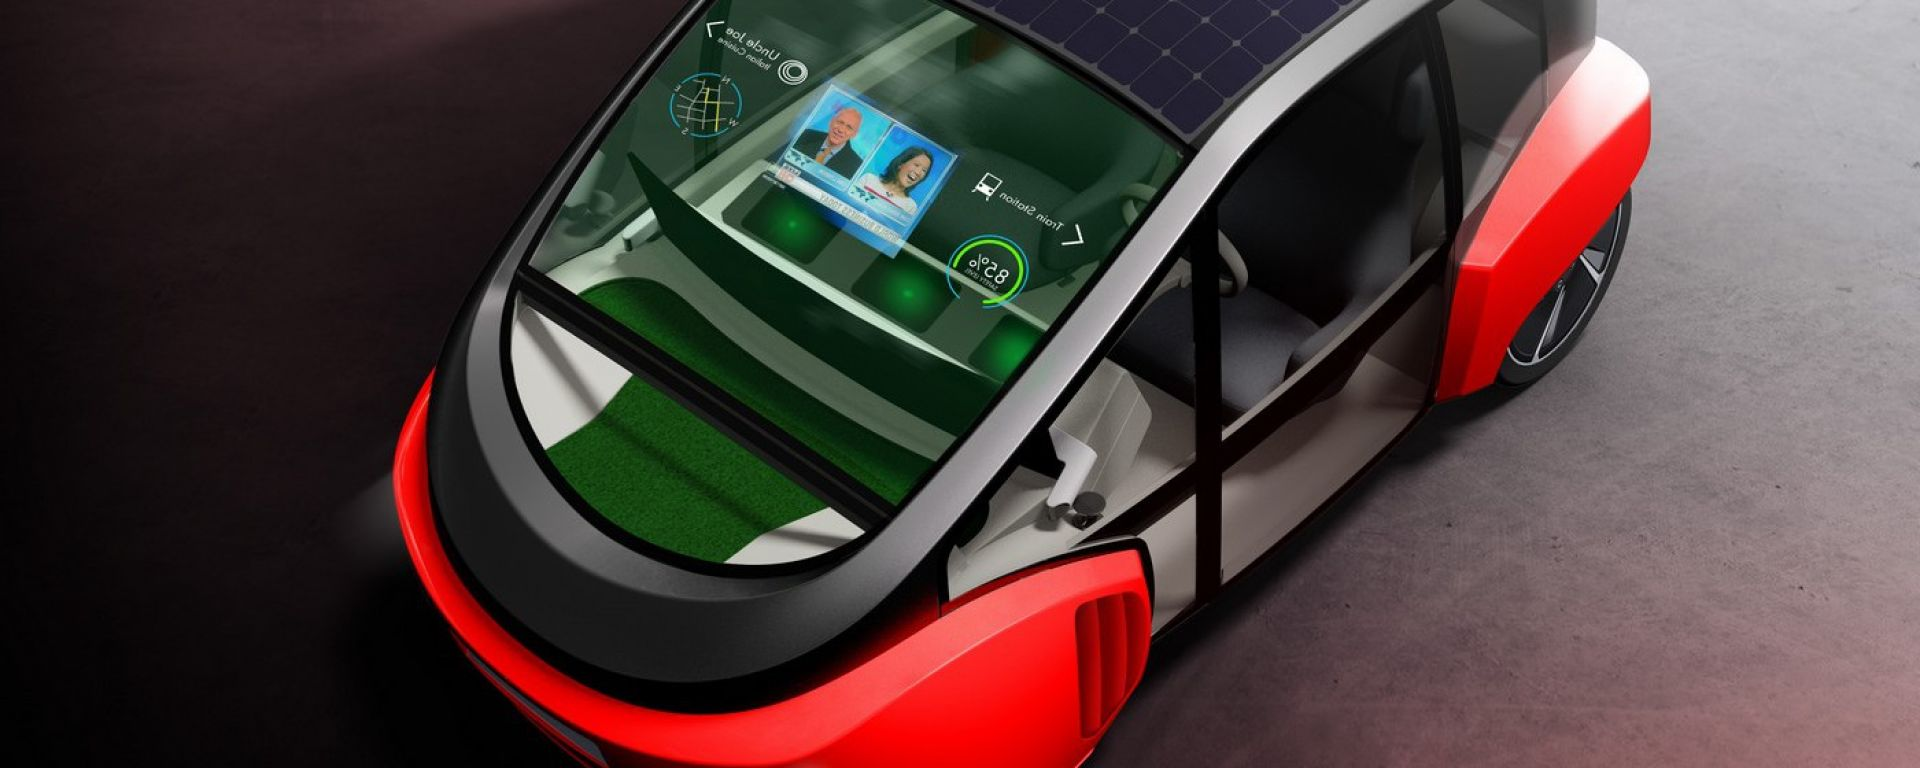 Rinspeed Oasis, l'utilitaria al tempo della guida autonoma